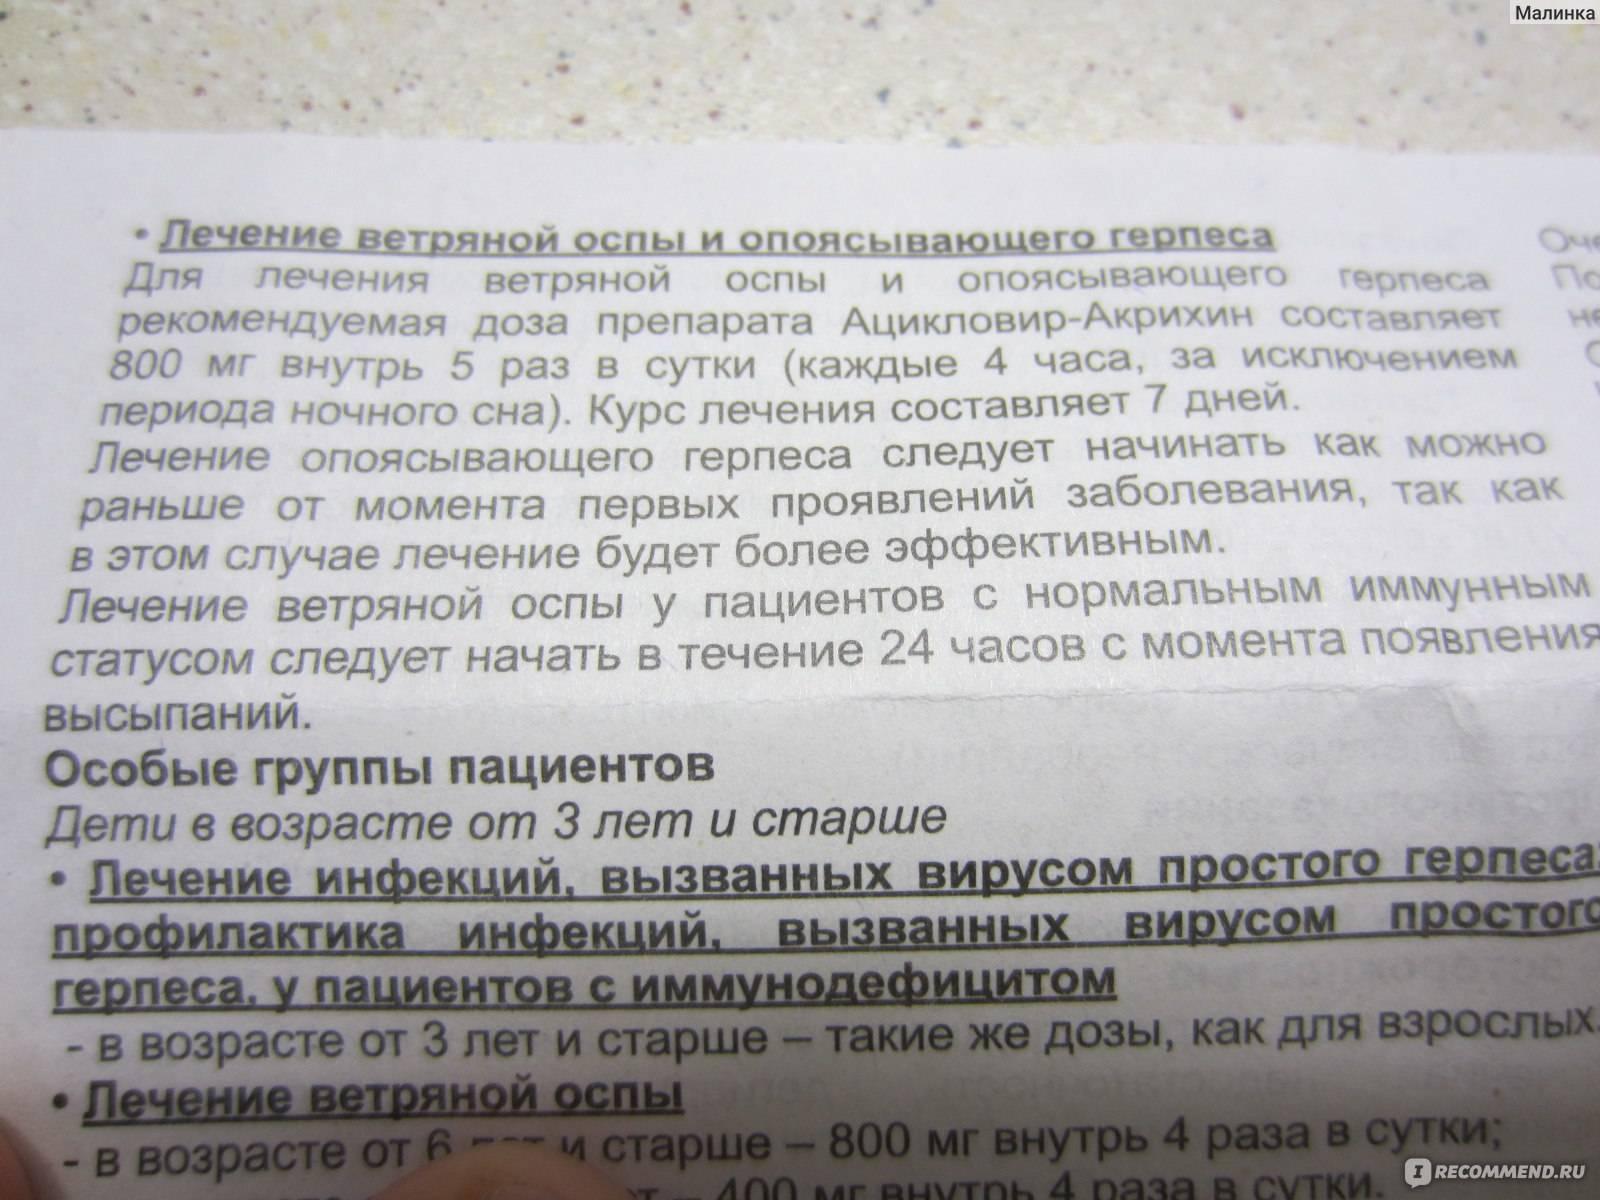 Ацикловир для детей: инструкция по применению таблеток при ветрянке, ангине и других заболеваниях / mama66.ru